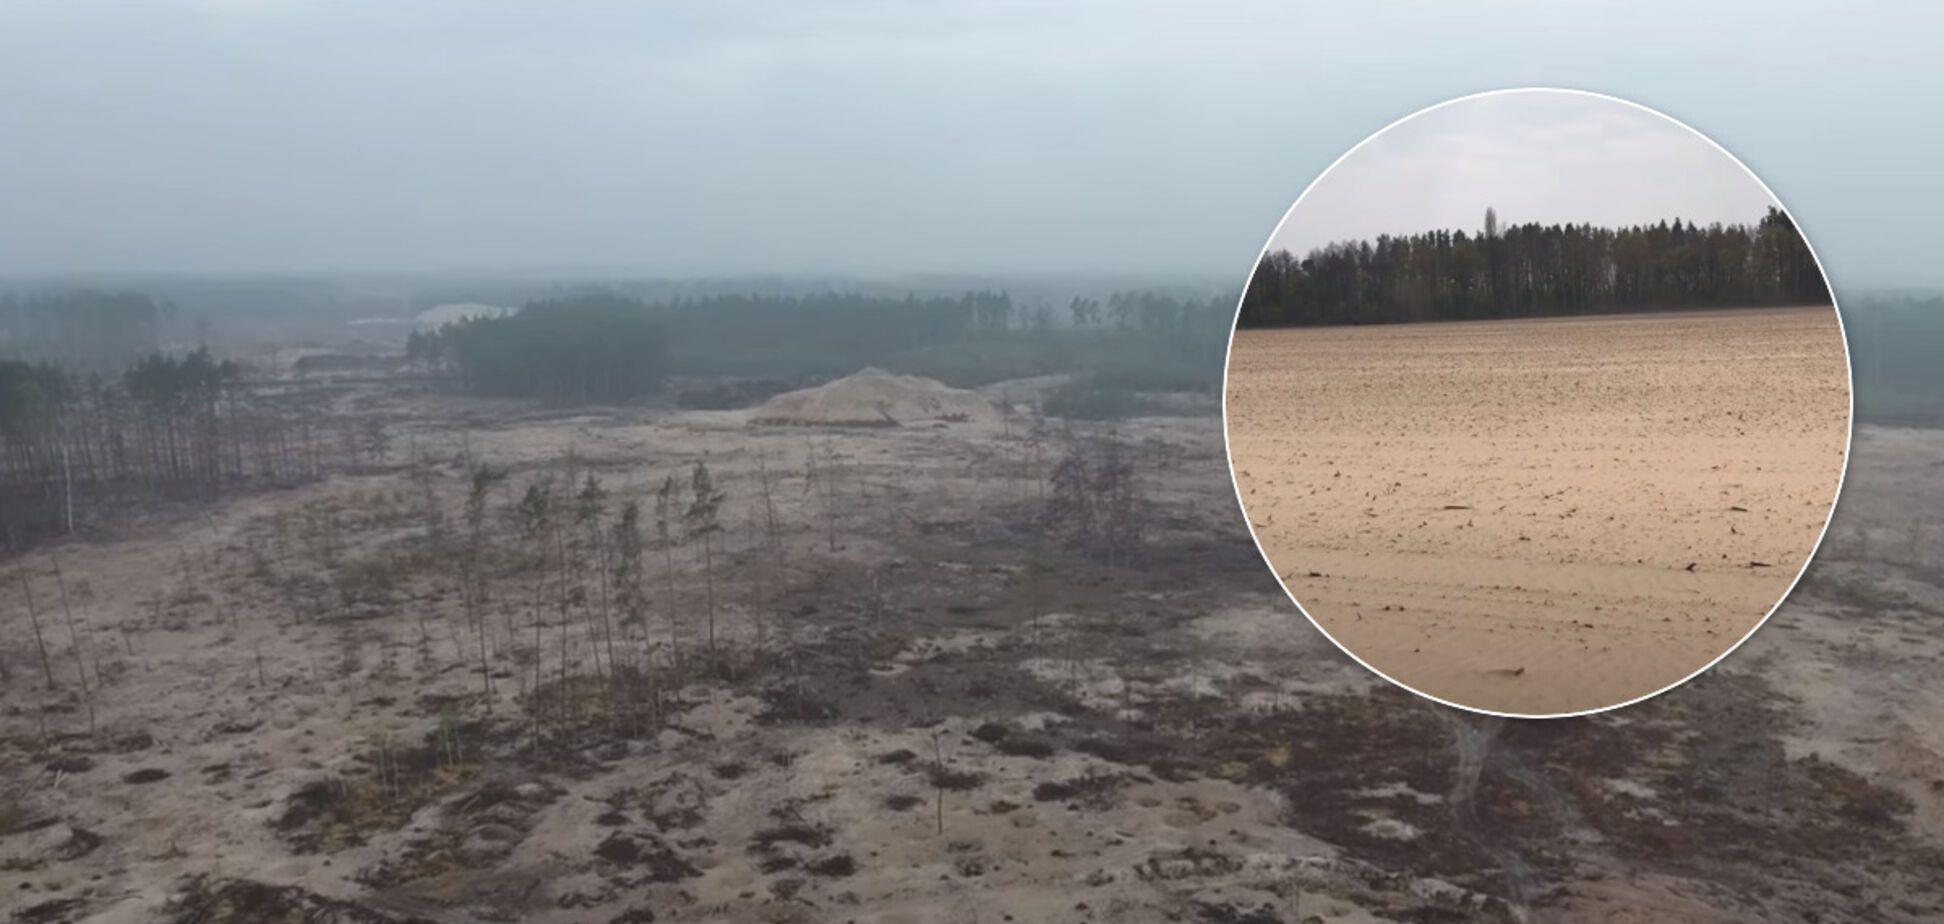 'Справжні дюни': на Рівненщині знайшли джерело піщаних бур, які накрили Україну. Відео